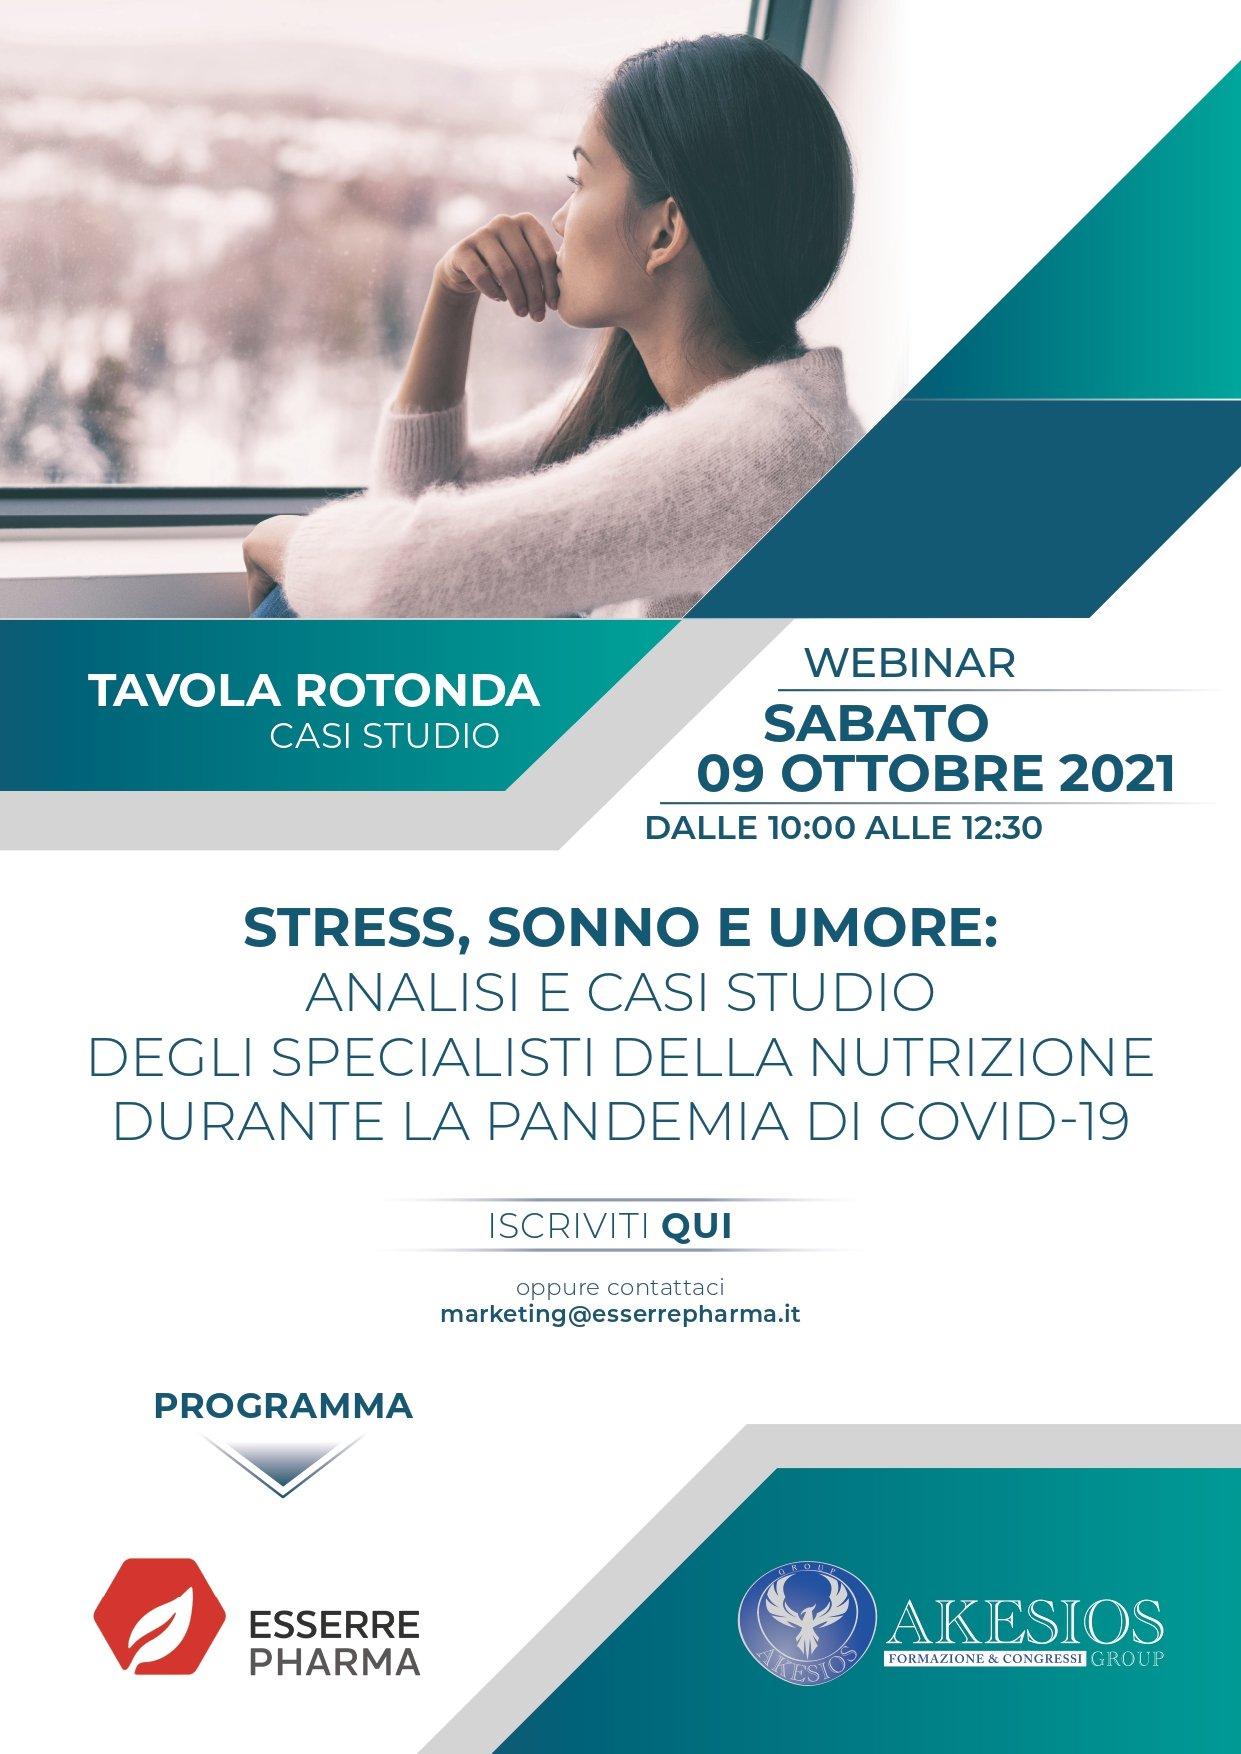 STRESS, SONNO E UMORE: ANALISI E CASI STUDIO DEGLI SPECIALISTI DELLA NUTRIZIONE DURANTE LA PANDEMIA DI COVID-19